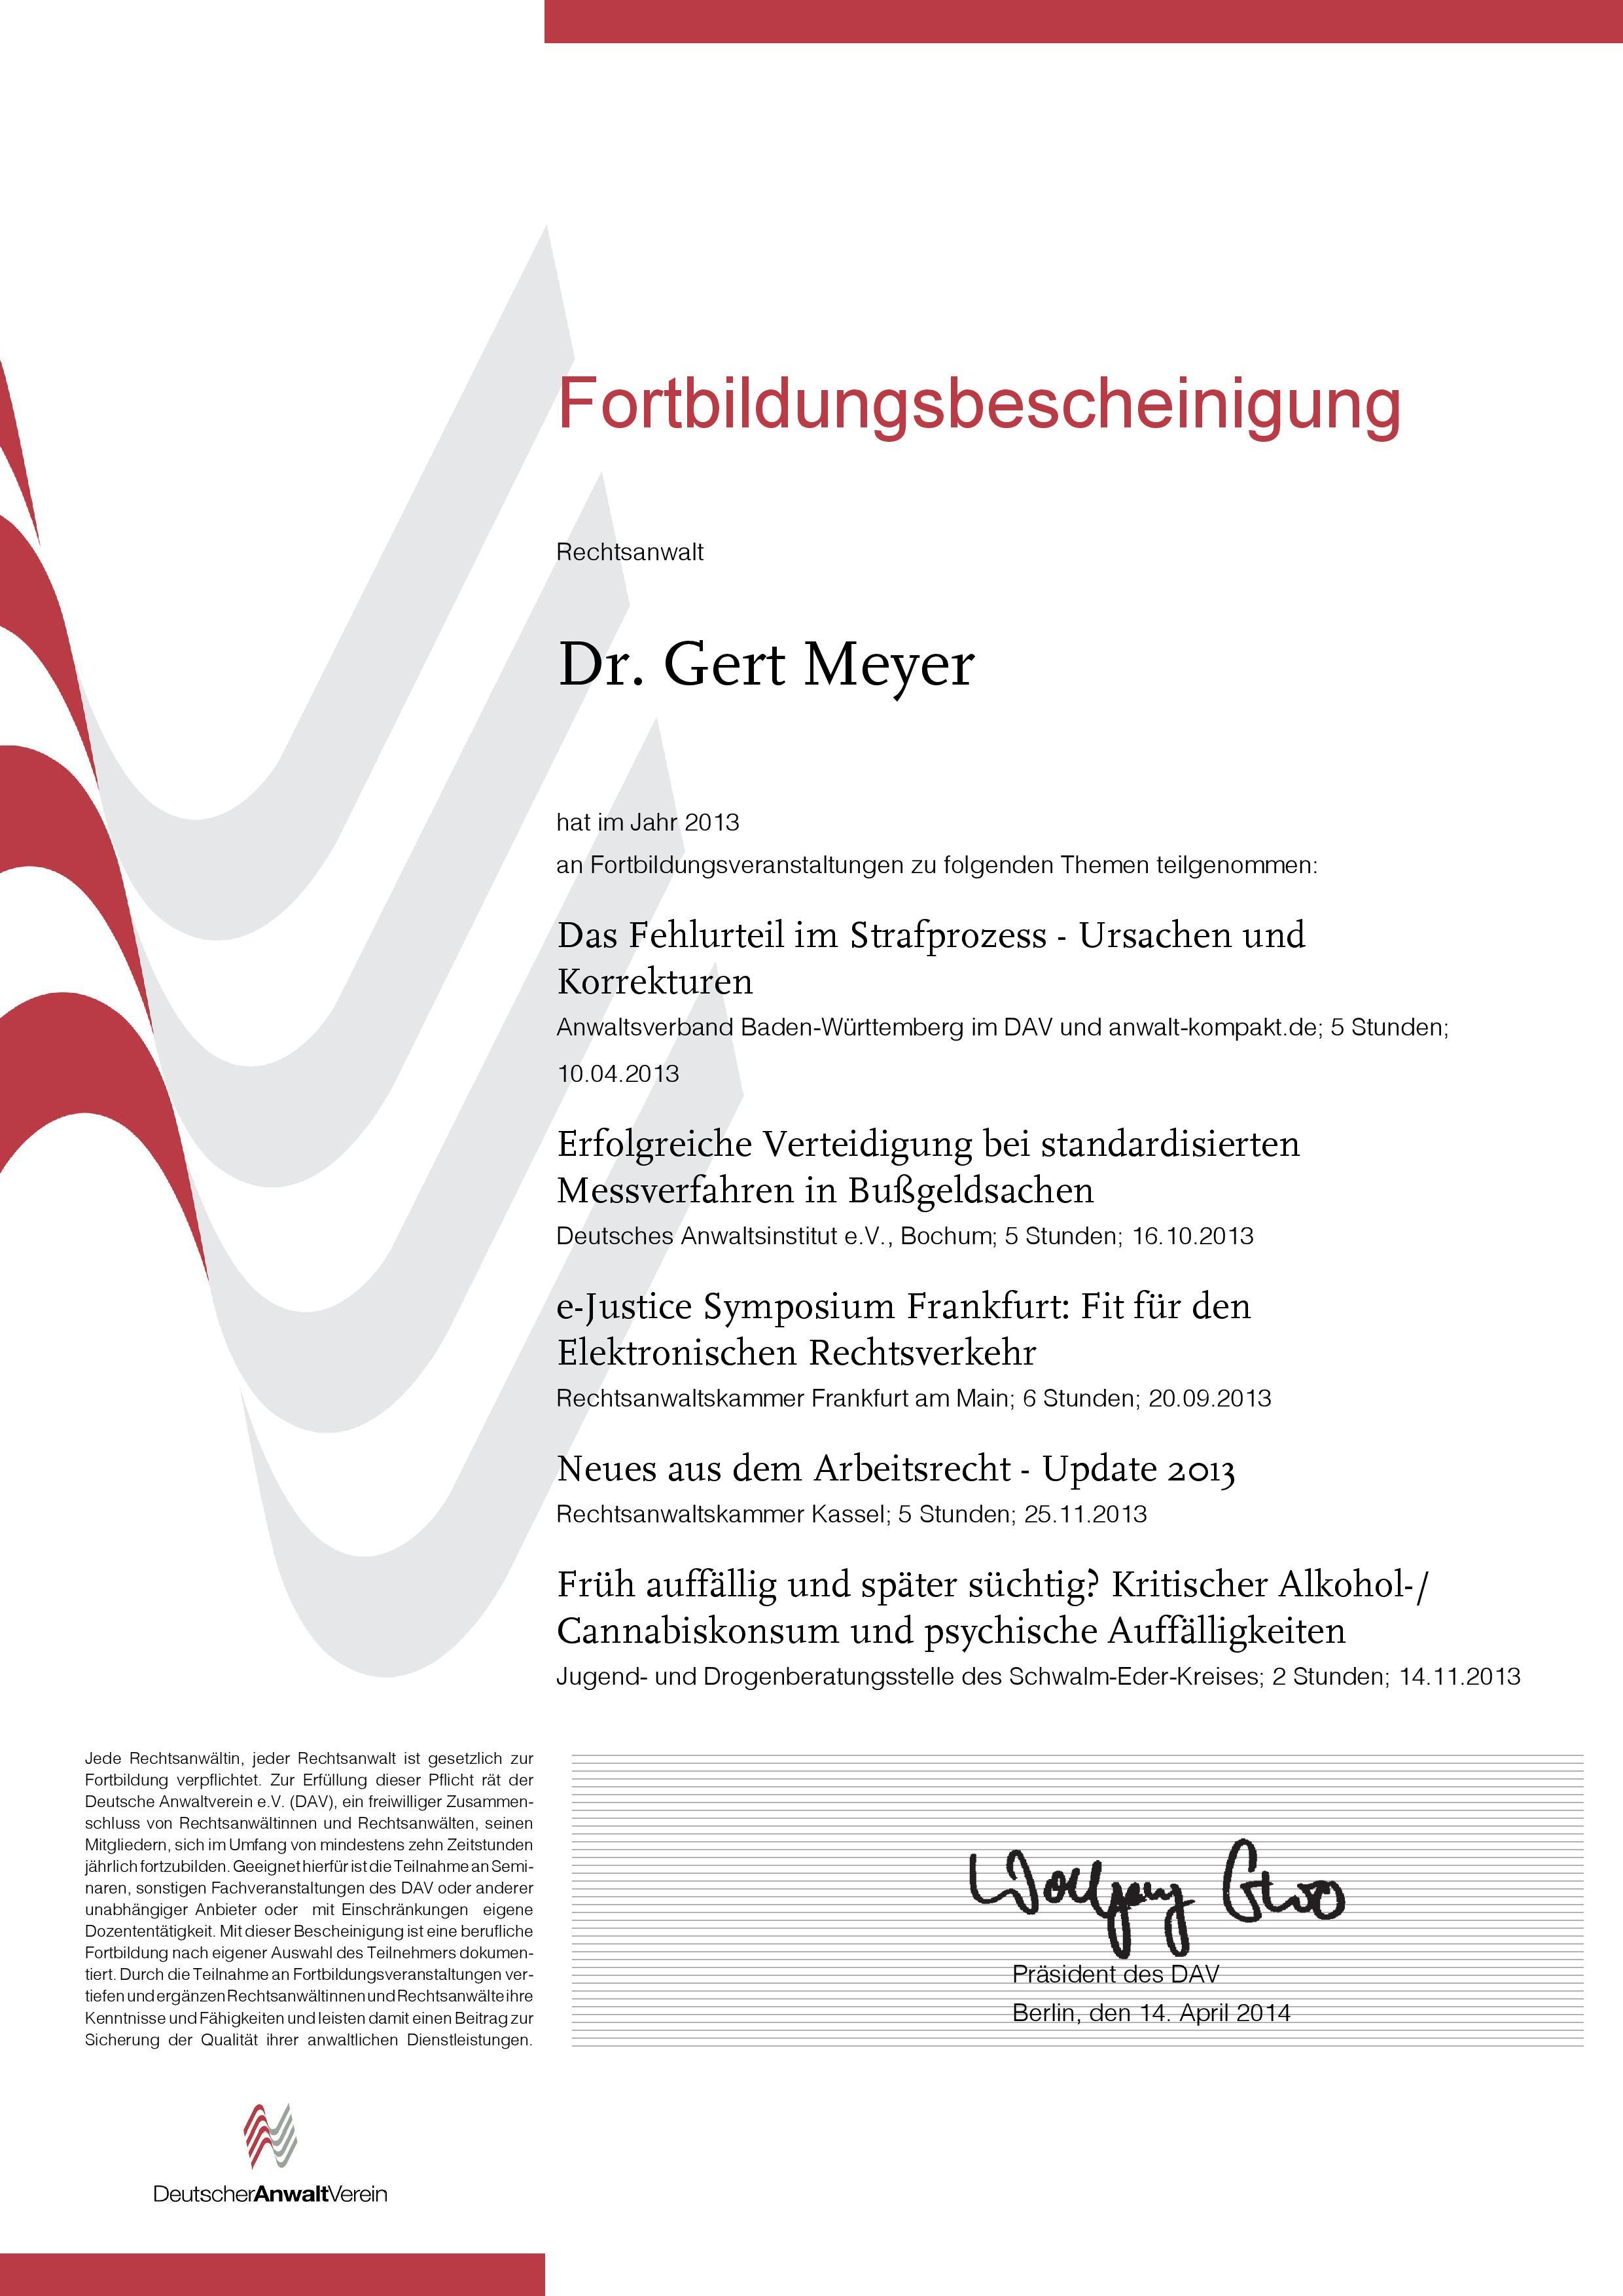 Fortbildungsbescheinigung13-page-001